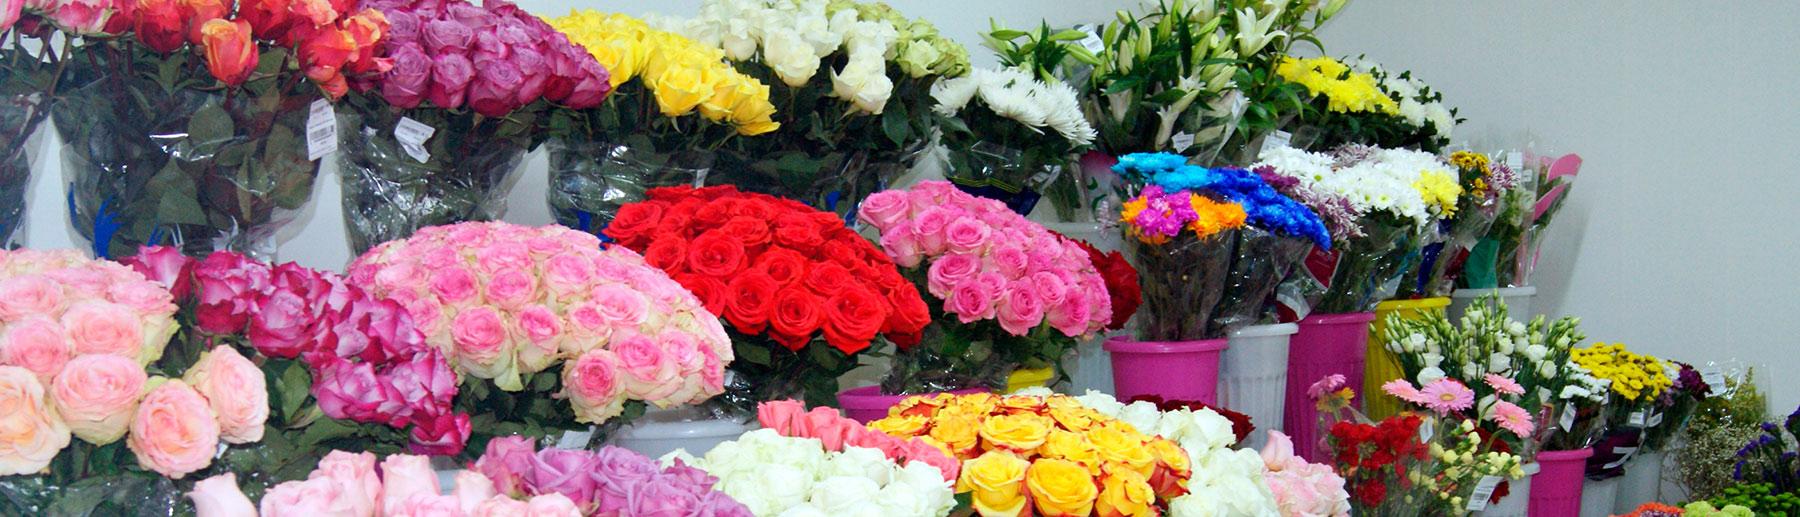 Цветы оптом раменский район деревня, оптом цветы